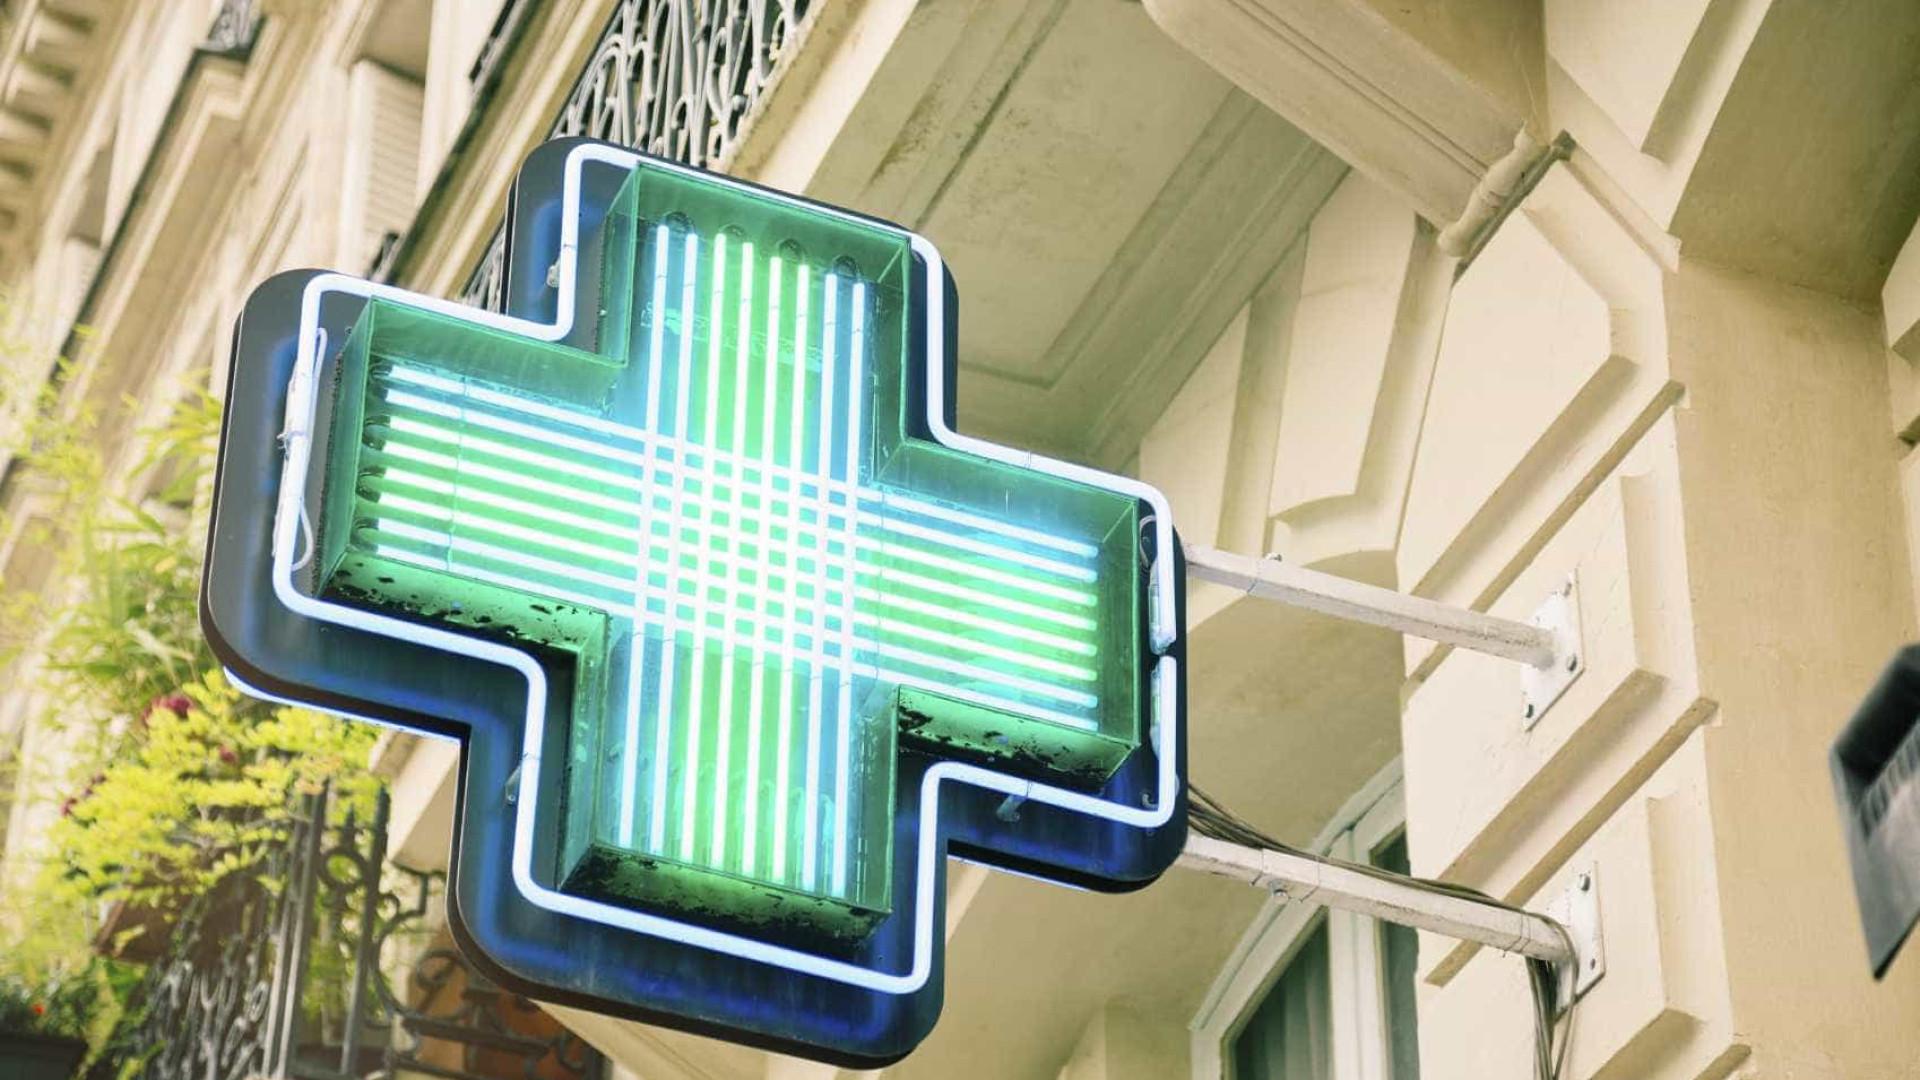 Comercialização do anticoncecional Essure suspensa em Portugal